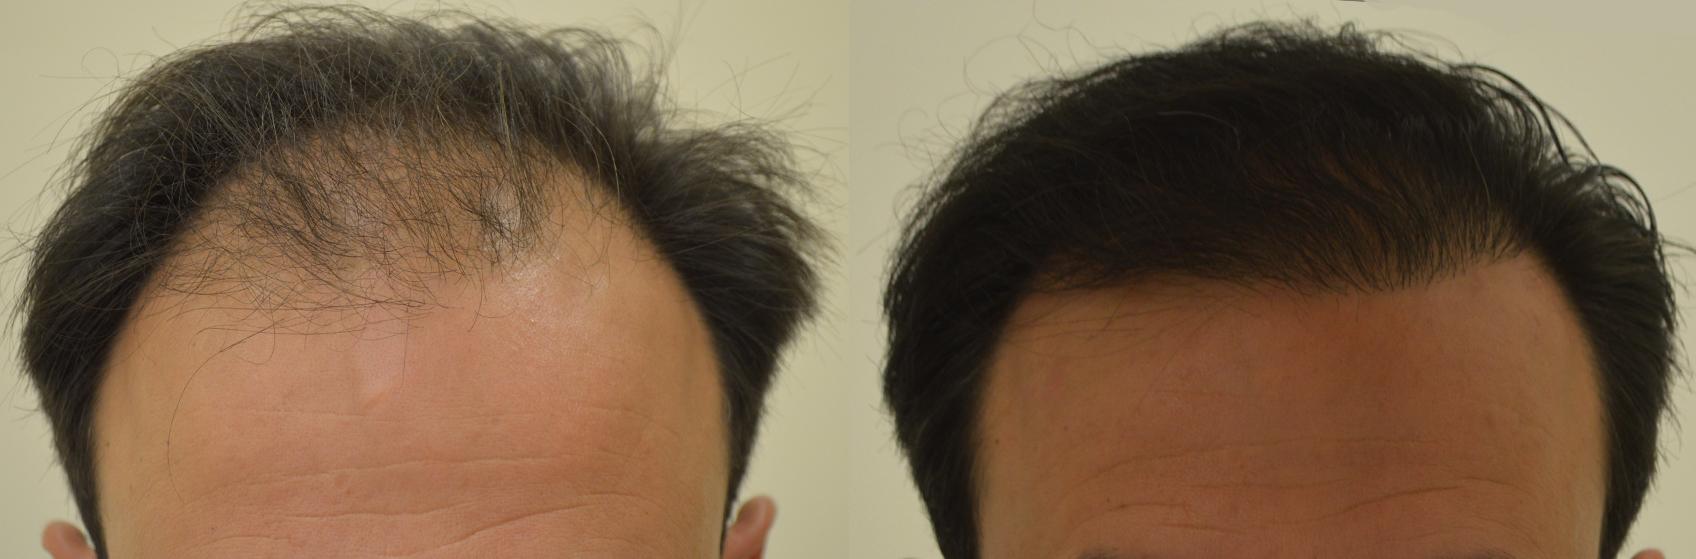 trapianto-capelli-calvizie